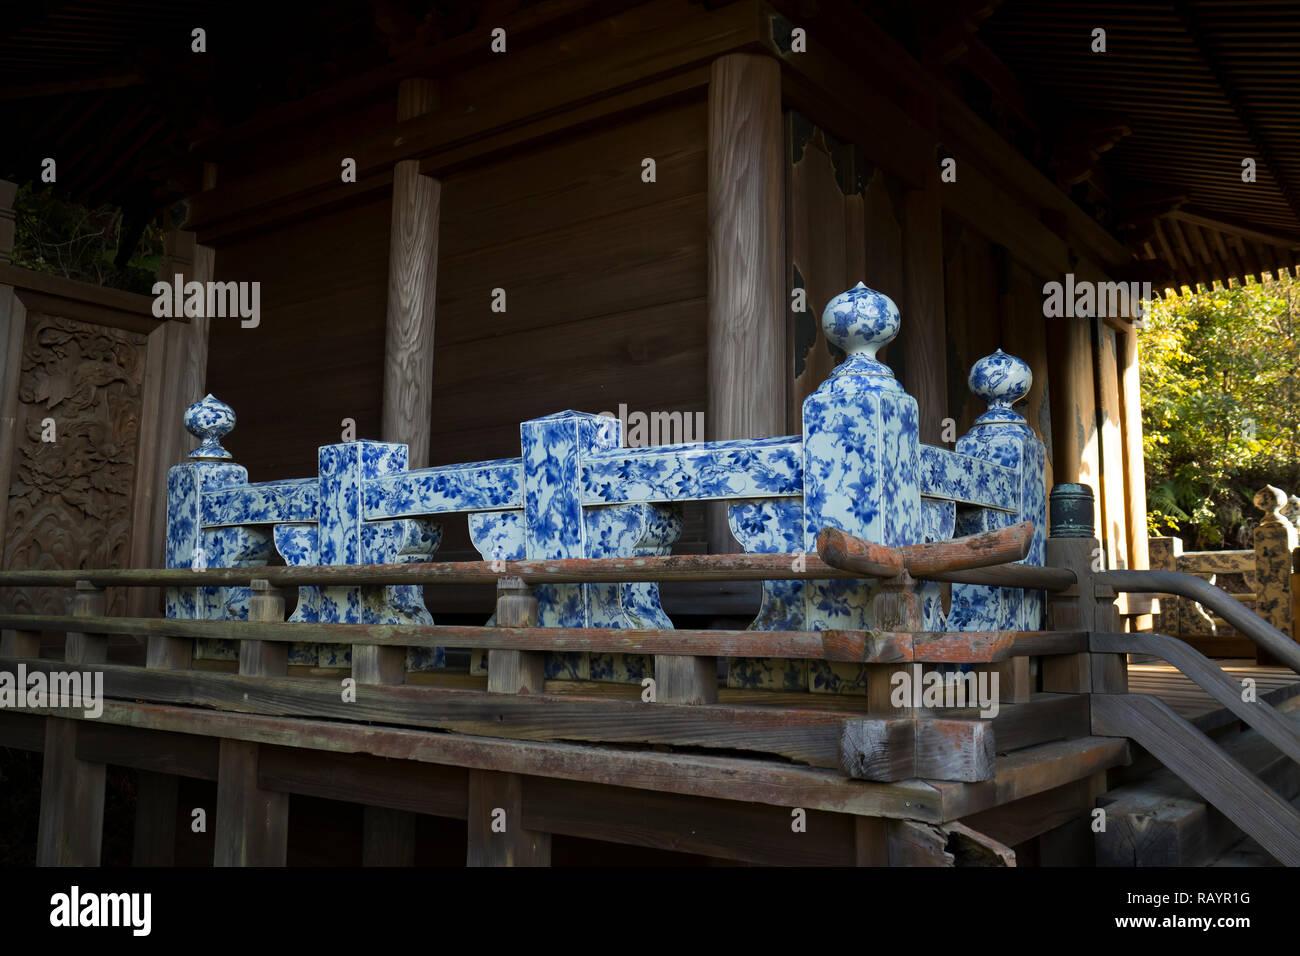 Arita, Japan - 30. Oktober 2018: Detail der Tozan ist Heiligtum in Arita mit einer Balustrade aus blauen und weißen Arita Porzellan Stockbild